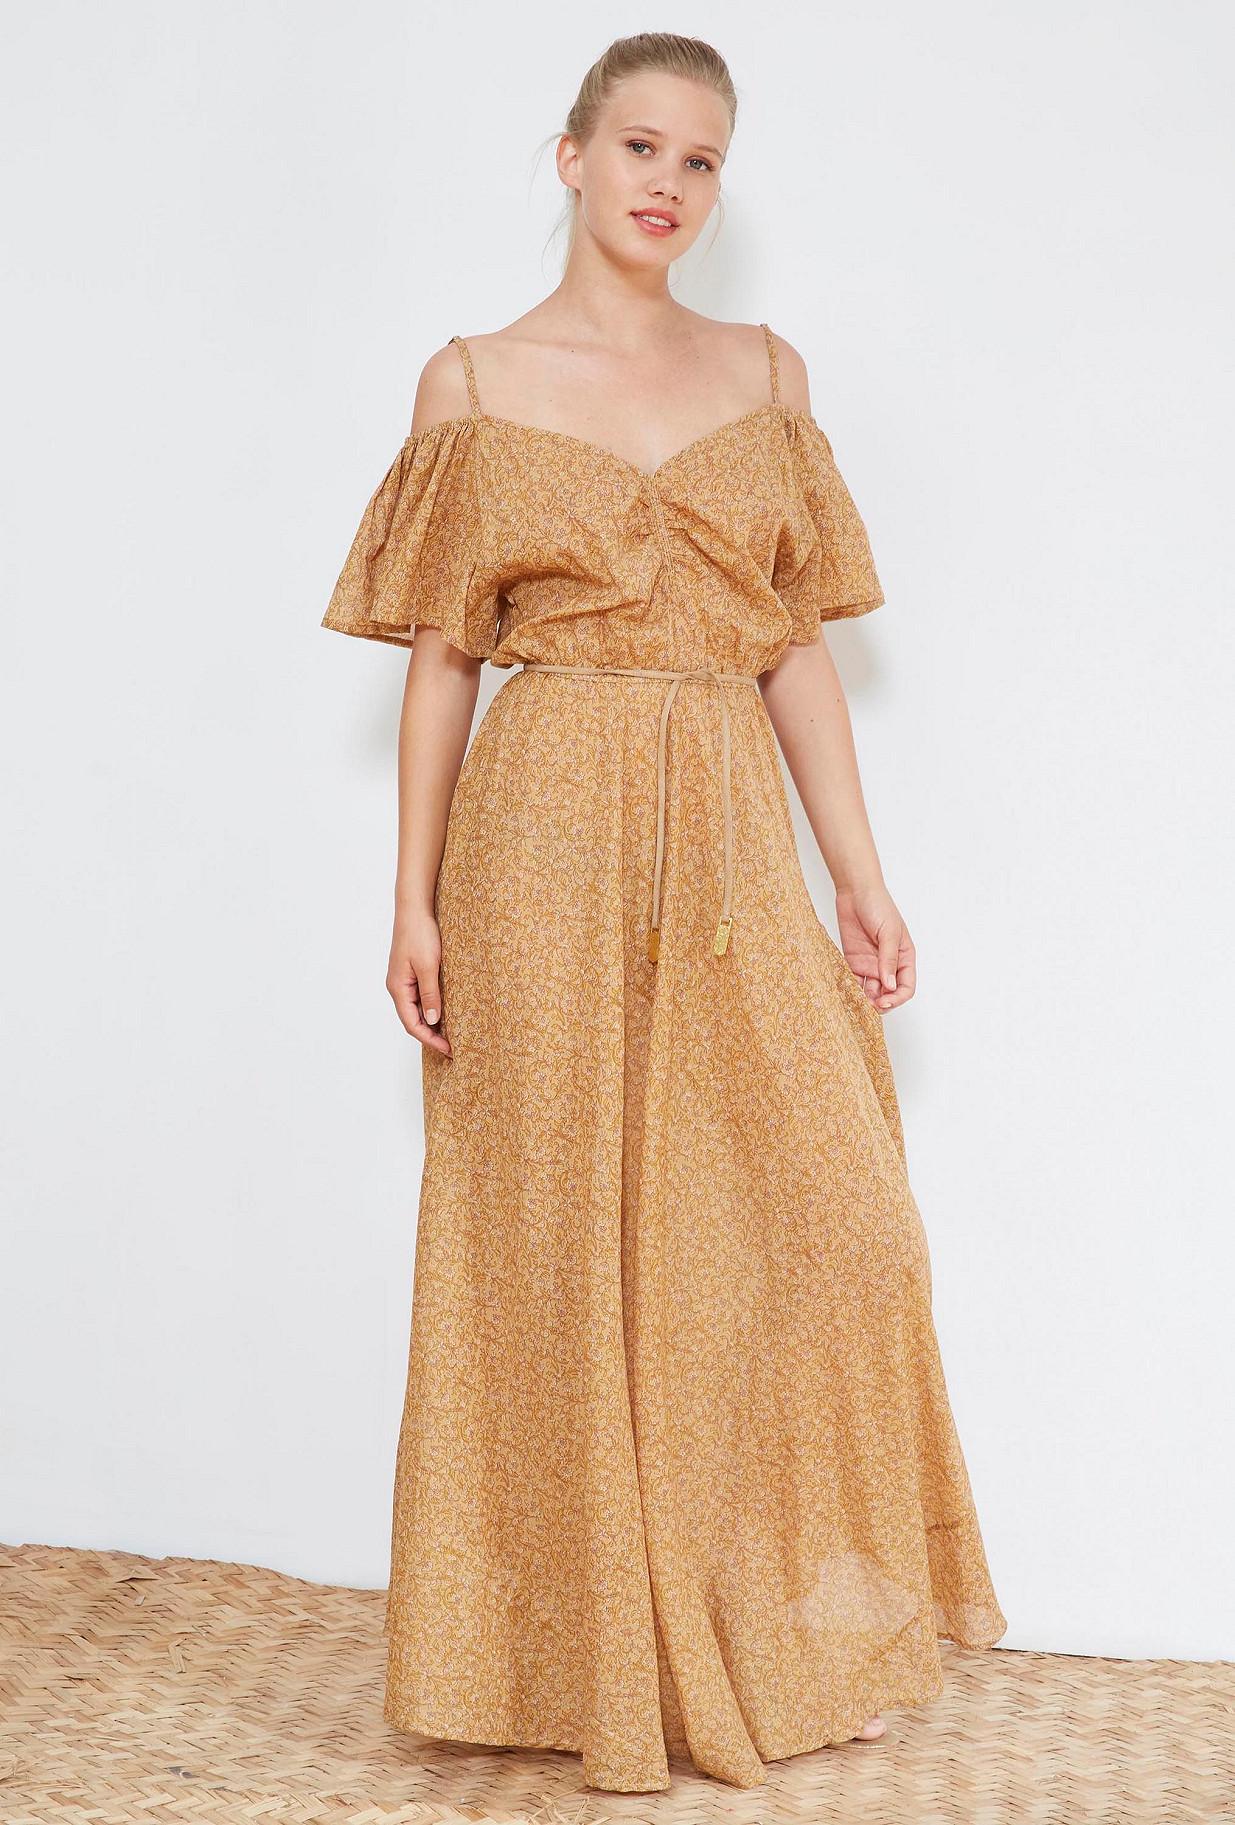 Nude print  DRESS  Adelaide Mes demoiselles fashion clothes designer Paris